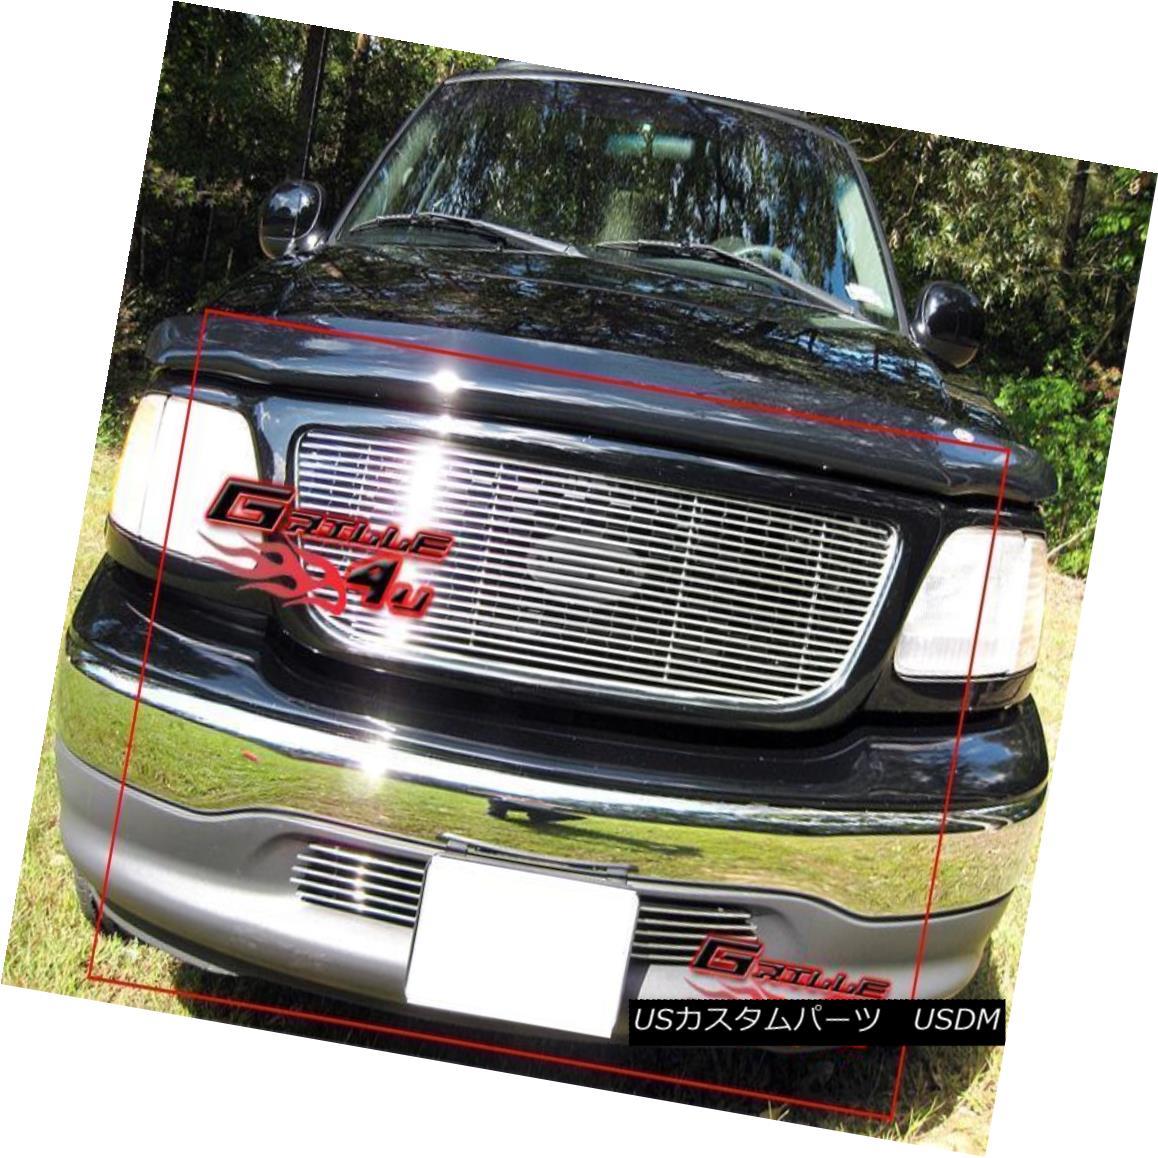 グリル Fits 1999-2003 Ford F-150/ F150 2WD Billet Grille Combo フィット1999-2003フォードF-150 / F150 2WDビレットグリルコンボ